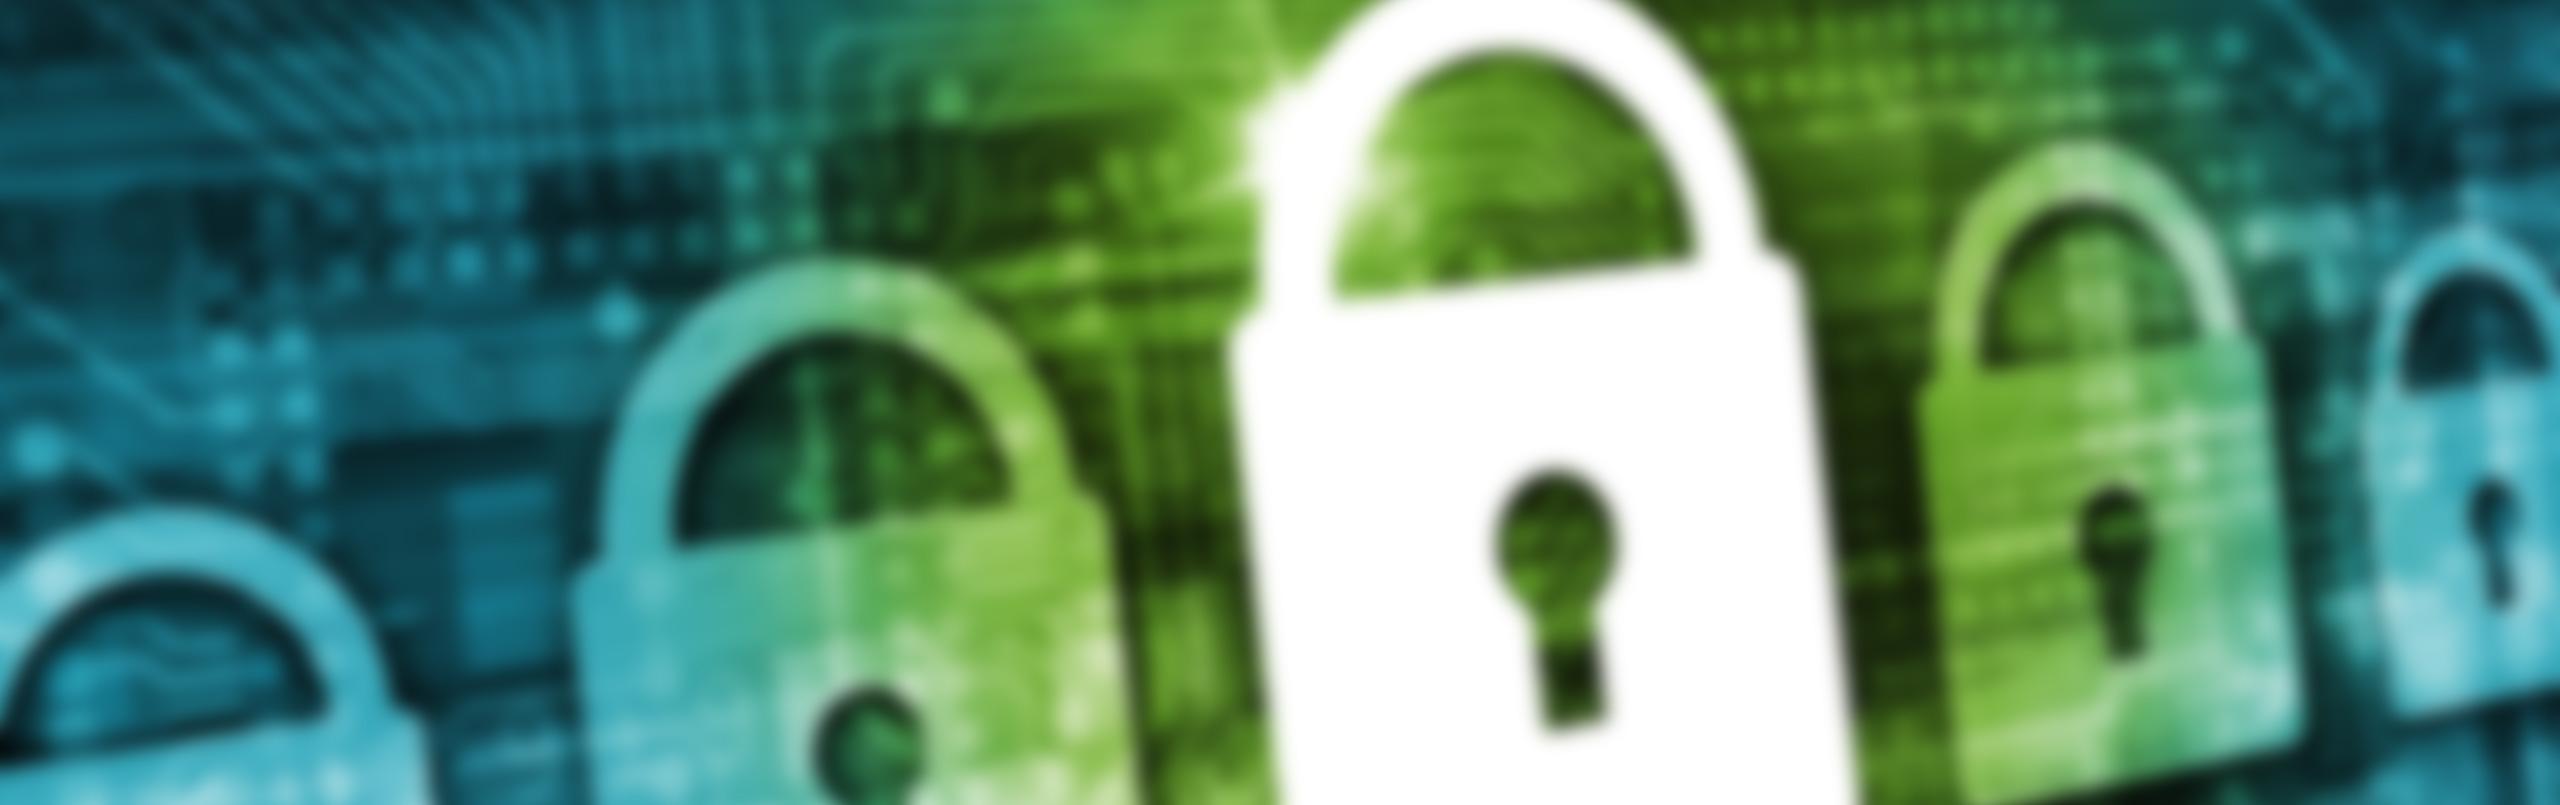 IT-Sicherheit-Industrie-4.0-Konferenz-Schloesser-verschwommen